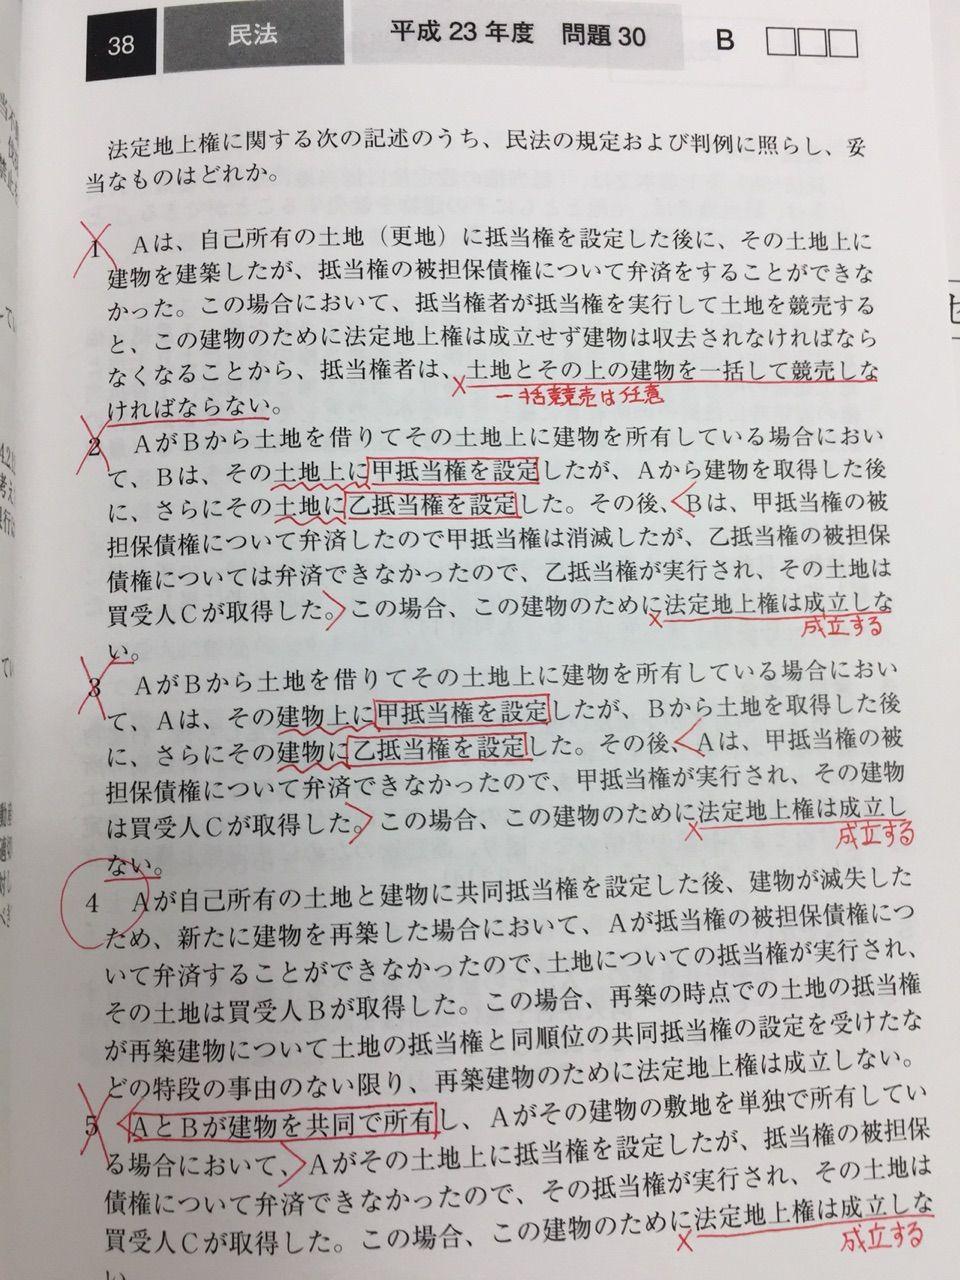 行政書士試験 過去問題